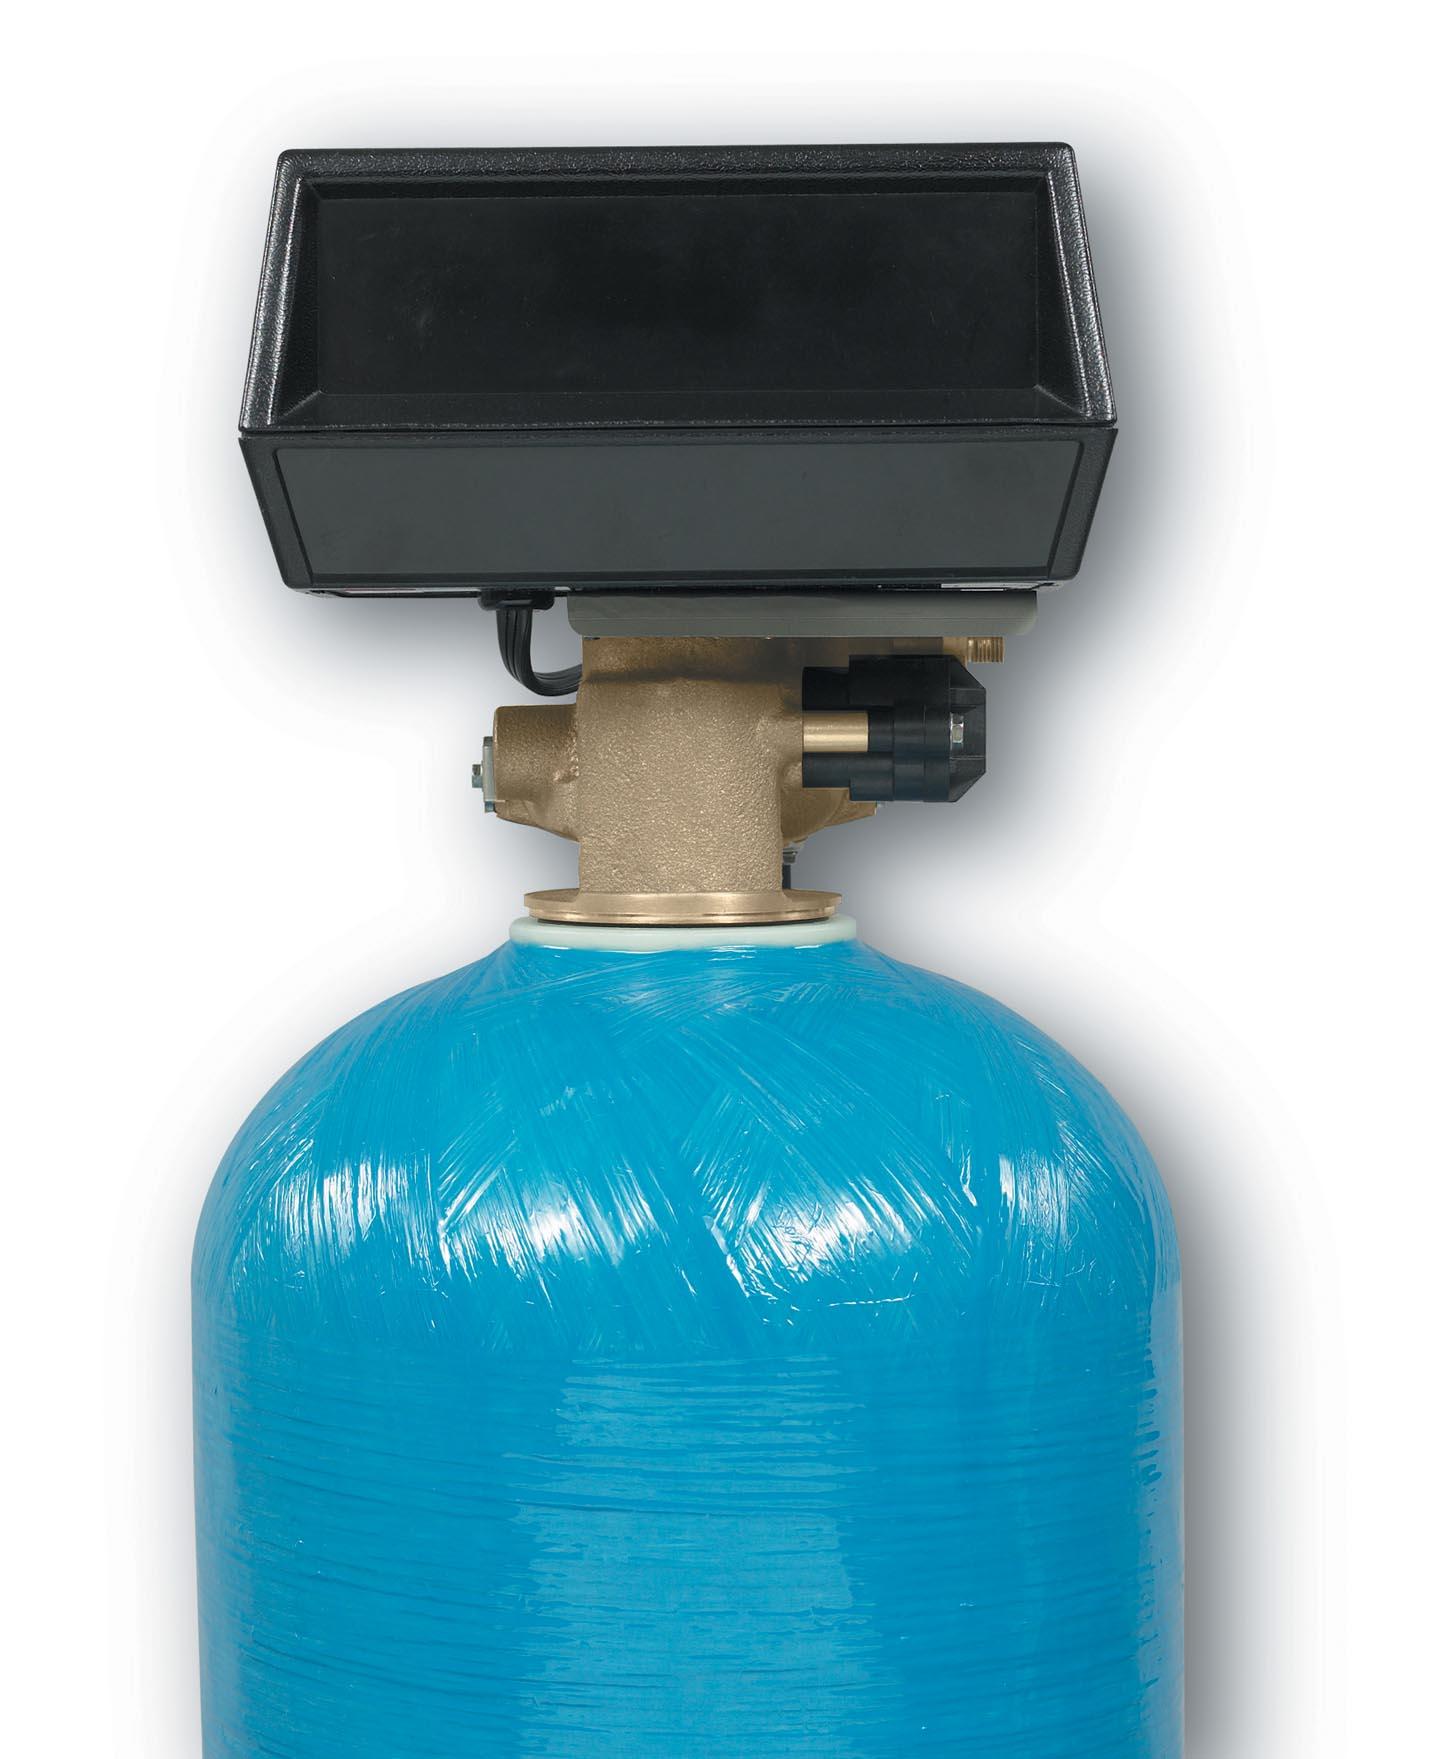 pentair water softener manual